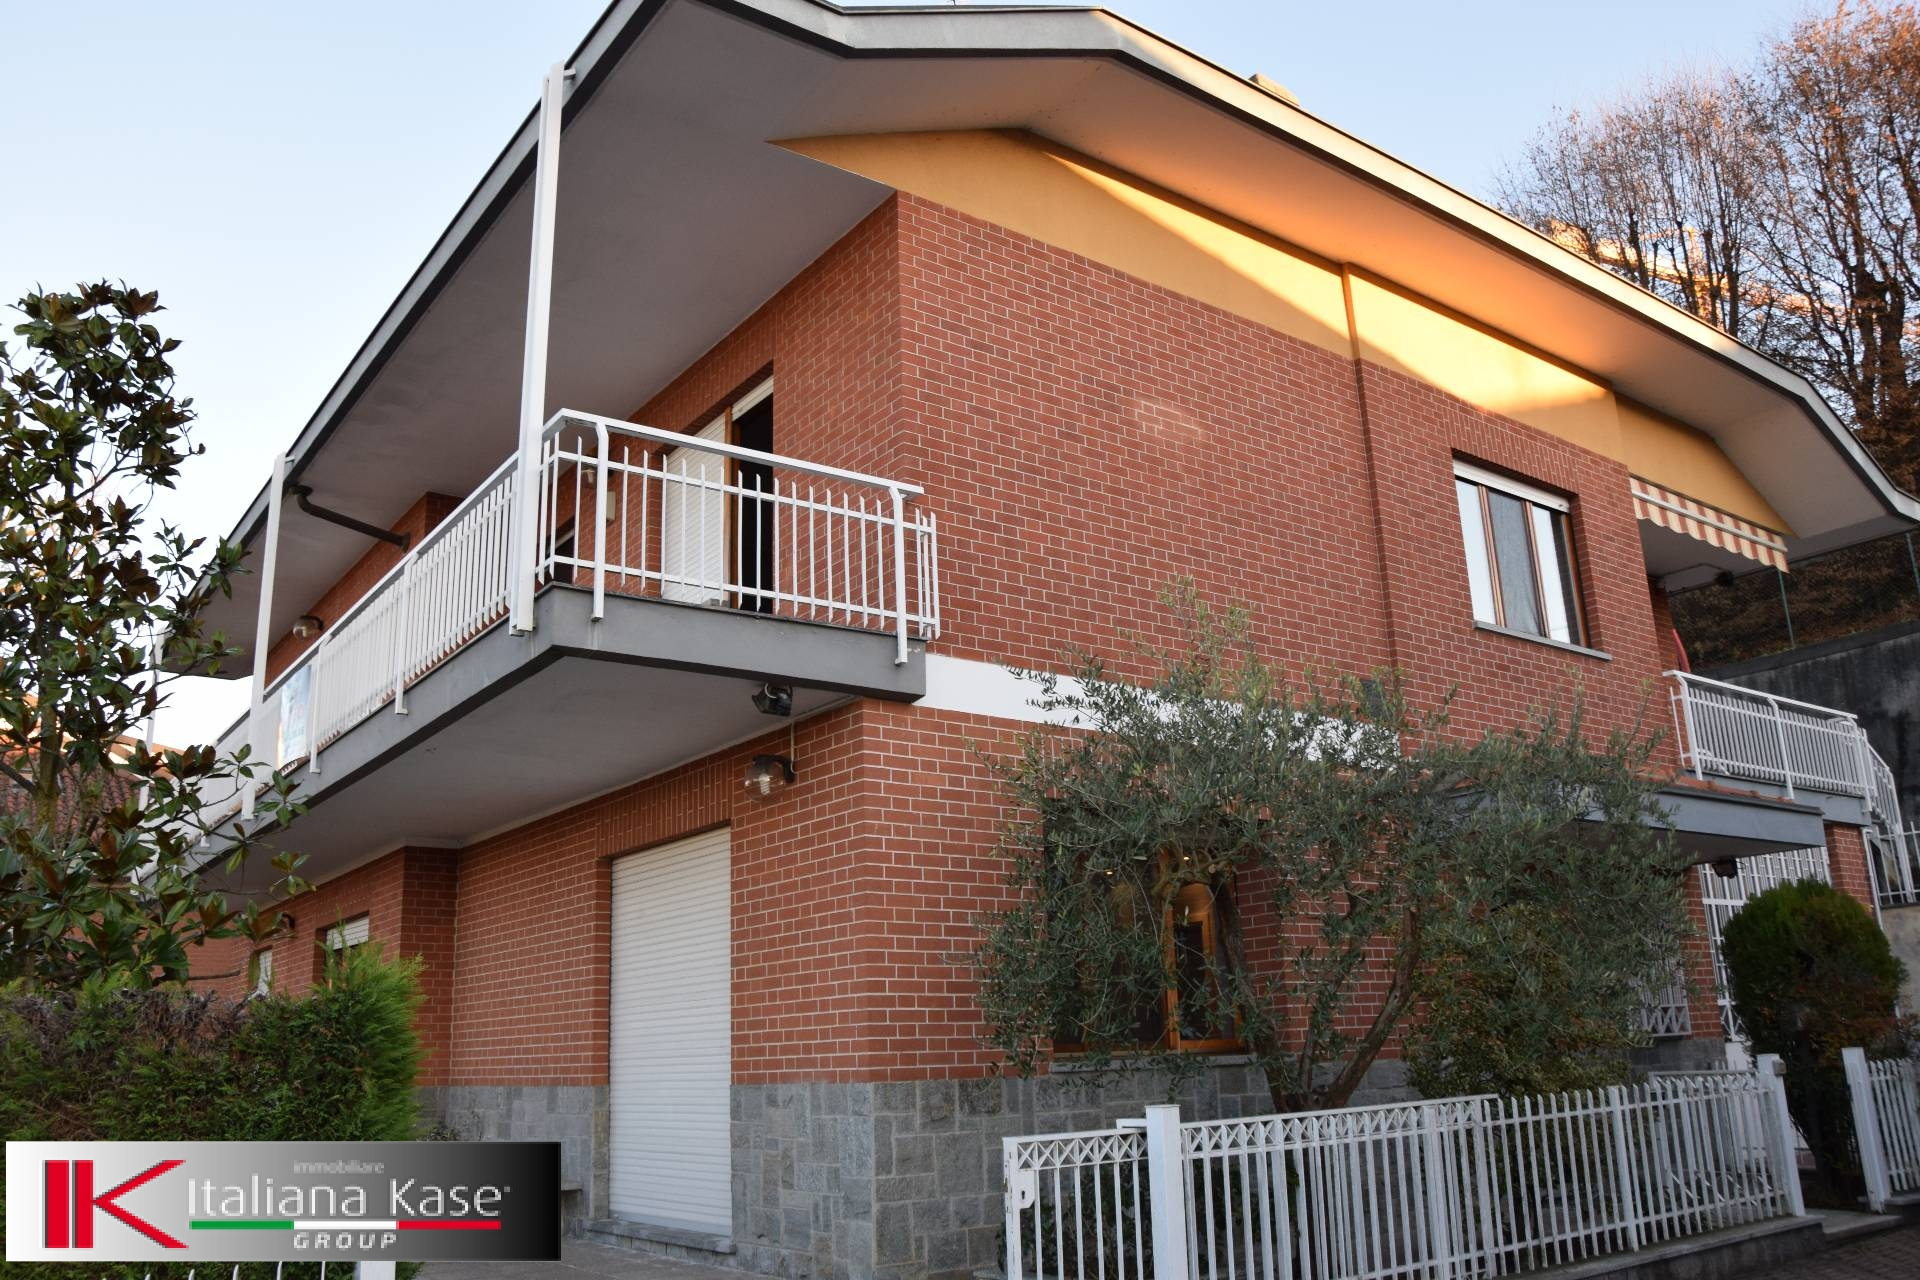 Appartamento in affitto a Castiglione Torinese, 5 locali, zona Località: Centro, prezzo € 1.200 | Cambio Casa.it